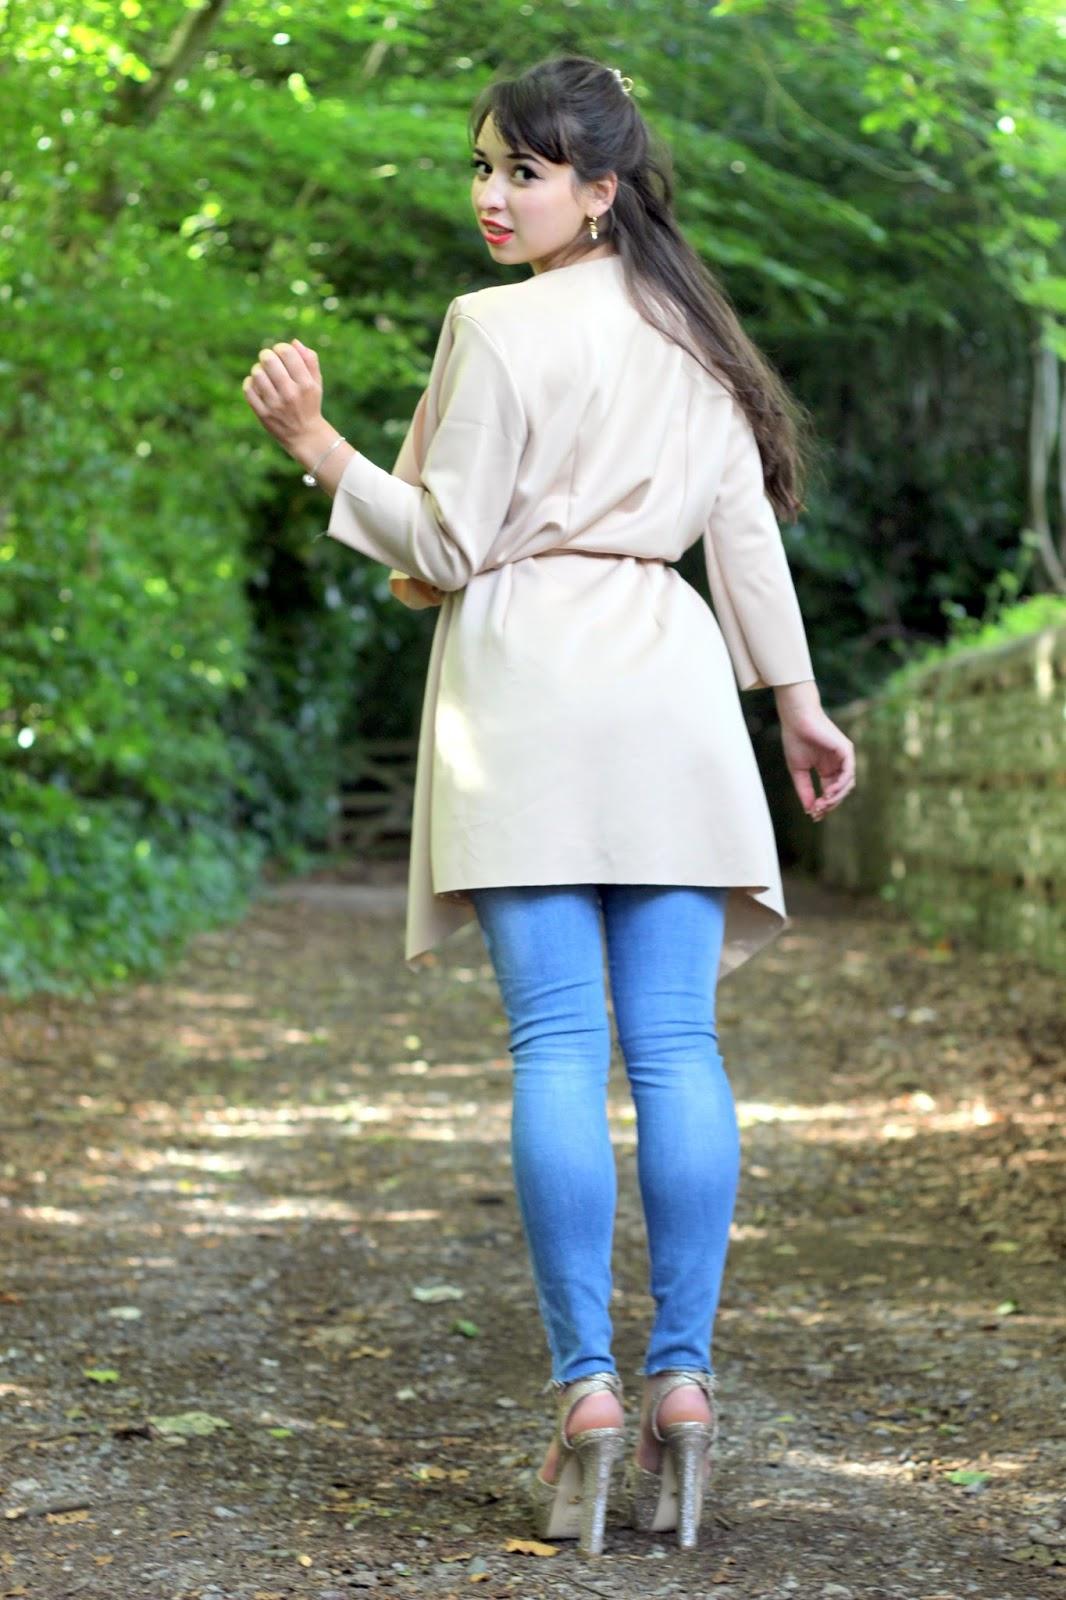 Jeans - C/O Lily Lulu || Waterfall Jacket - C/O Lily Lulu || Heels - Lipsy  || Bracelet - C/O Soufeel